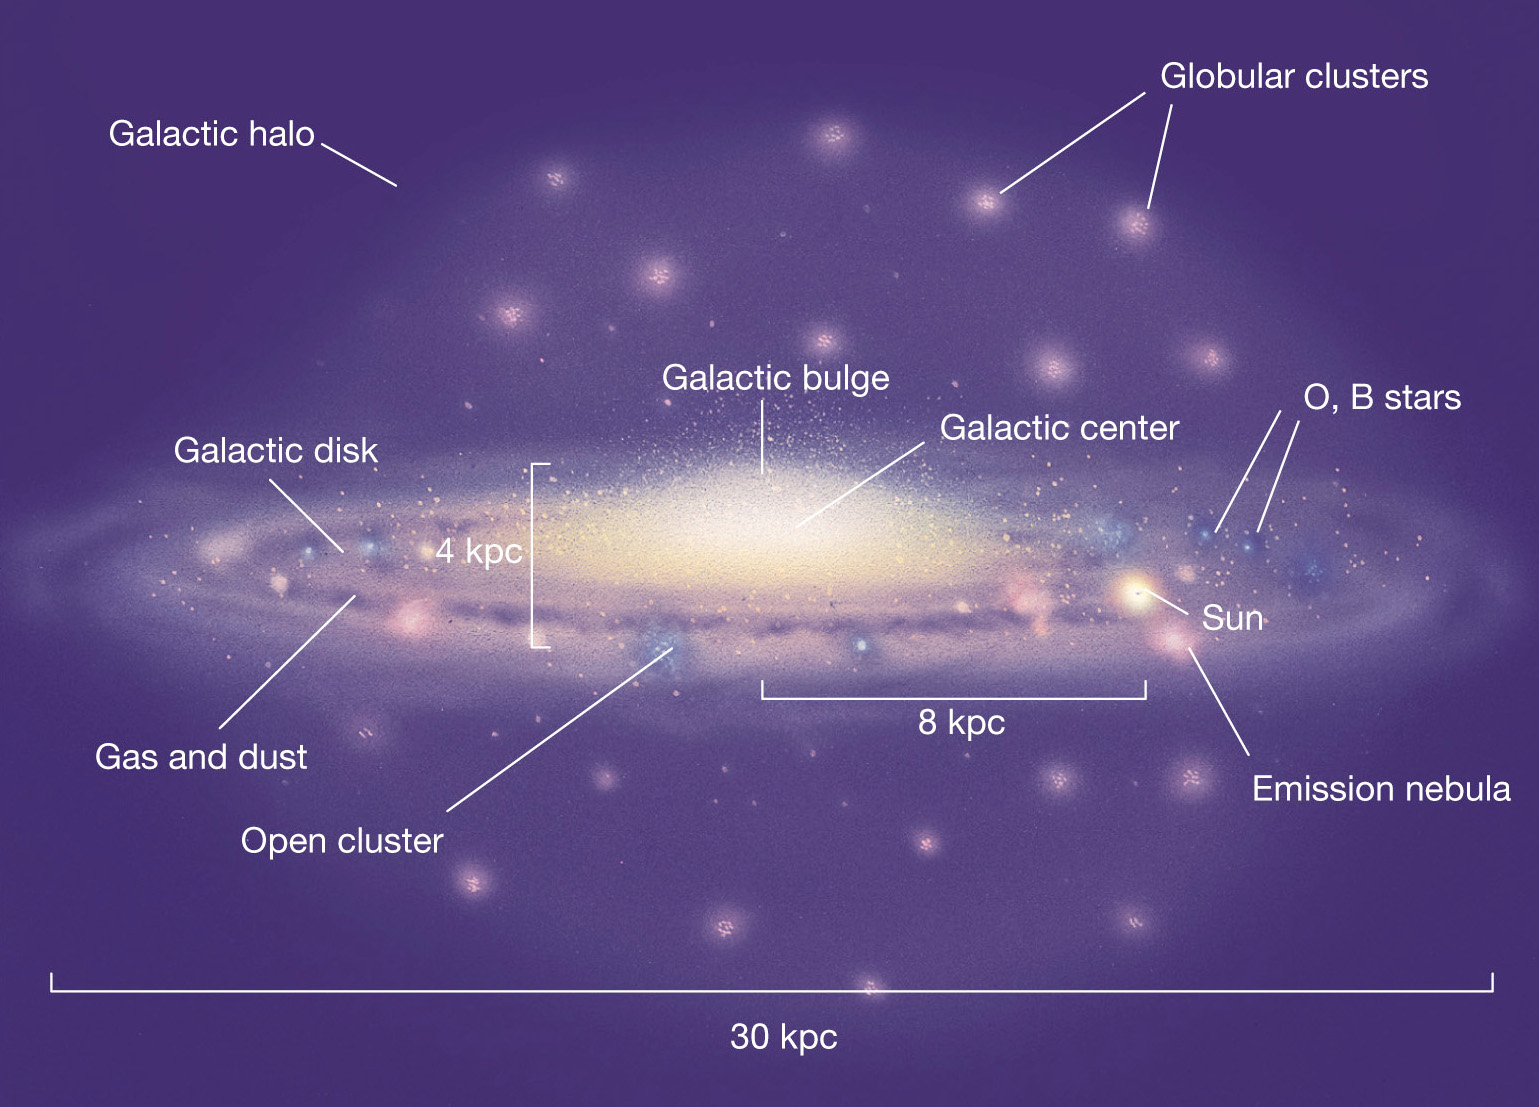 La posizione degli ammassi globulari nell'alone galattico